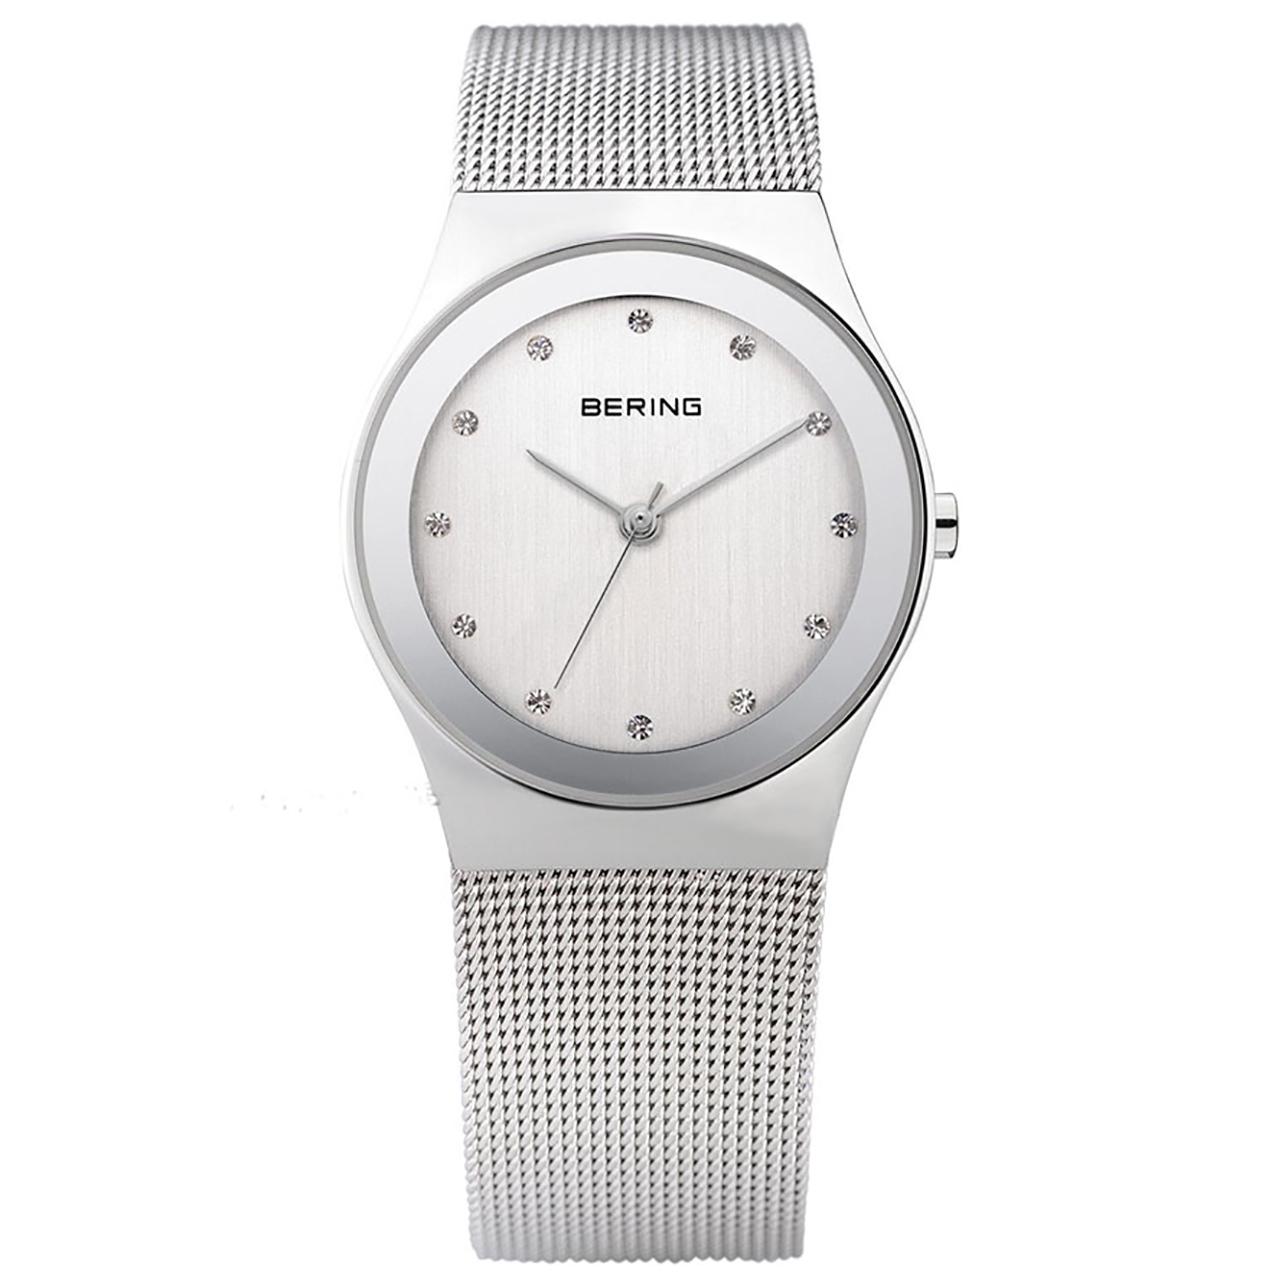 ساعت مچی عقربه ای زنانه برینگ مدل B12927-000 19